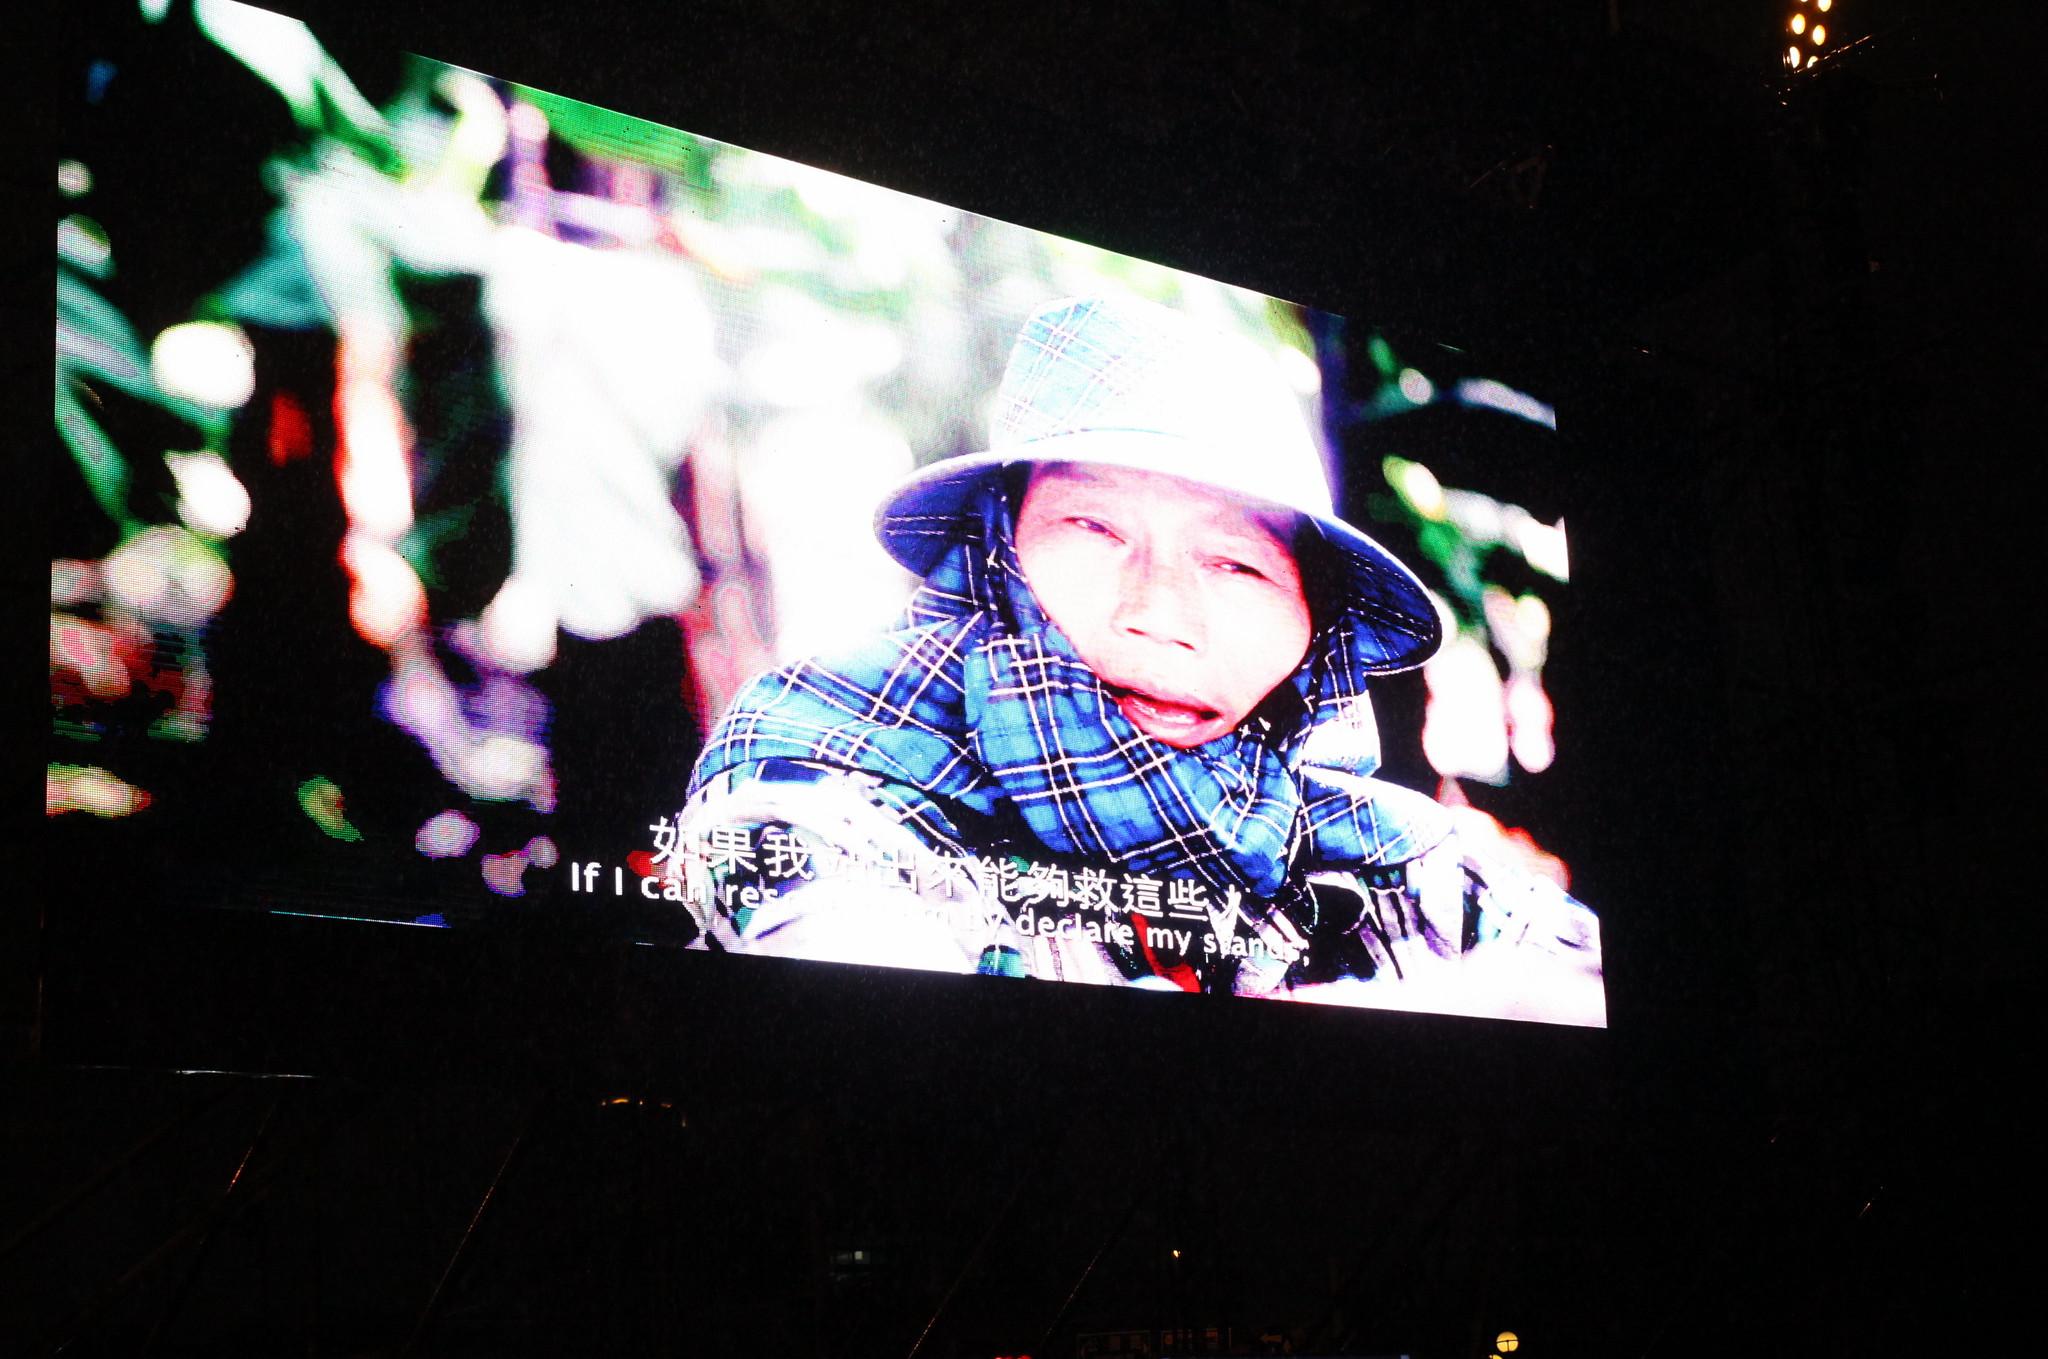 播放葉永鋕母親葉媽媽的紀錄片時,不少同志難過落淚。(攝影:陳逸婷)